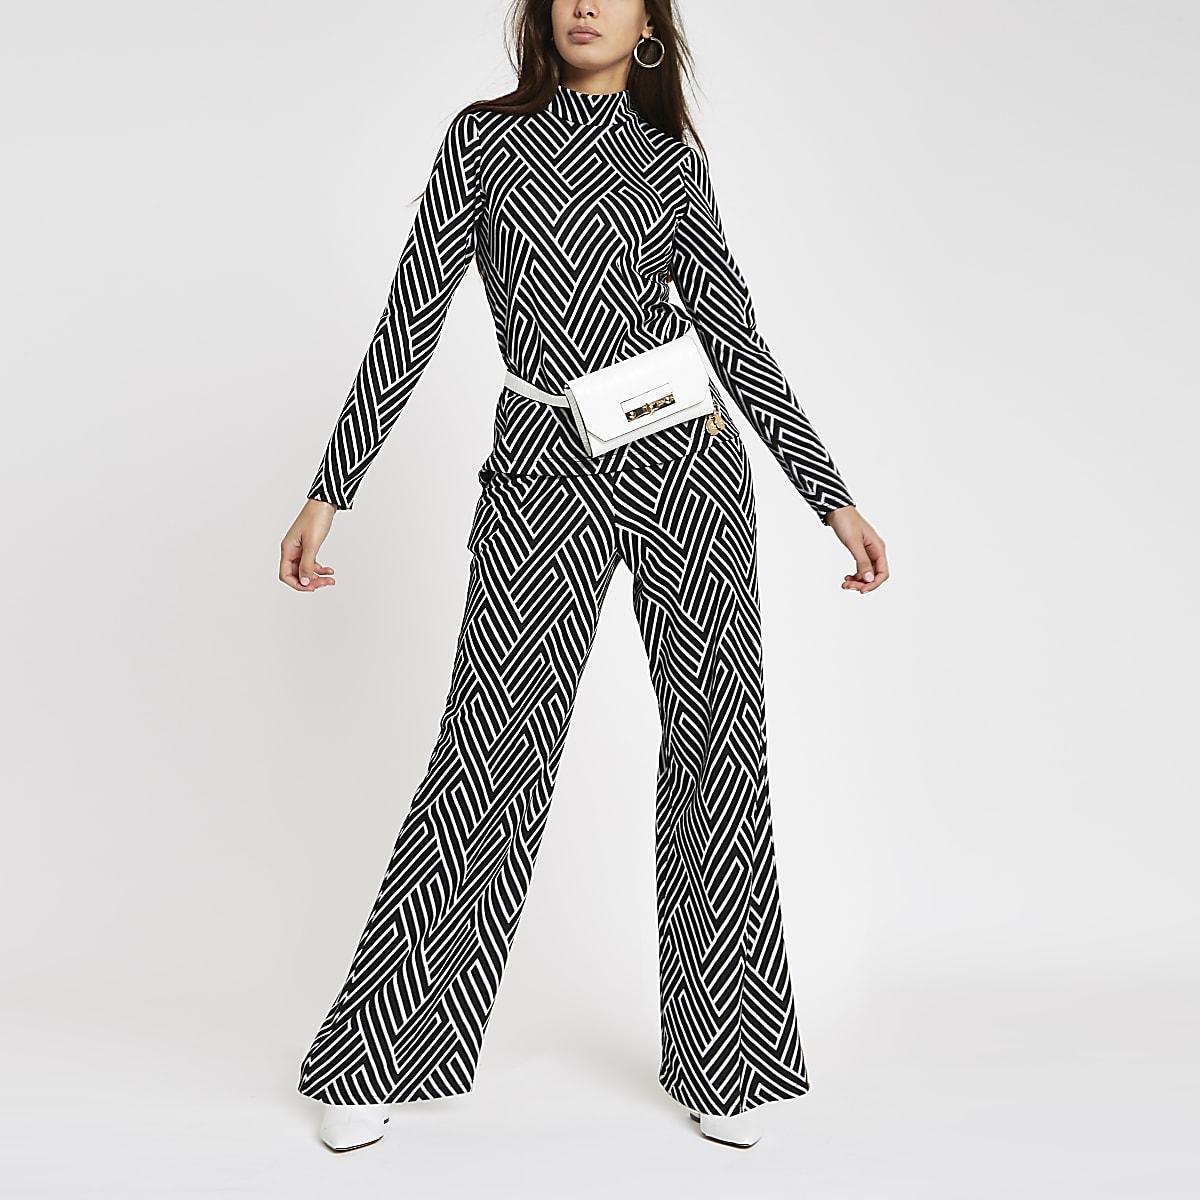 Ensemble pantalon en jacquard à imprimé géométrique noir